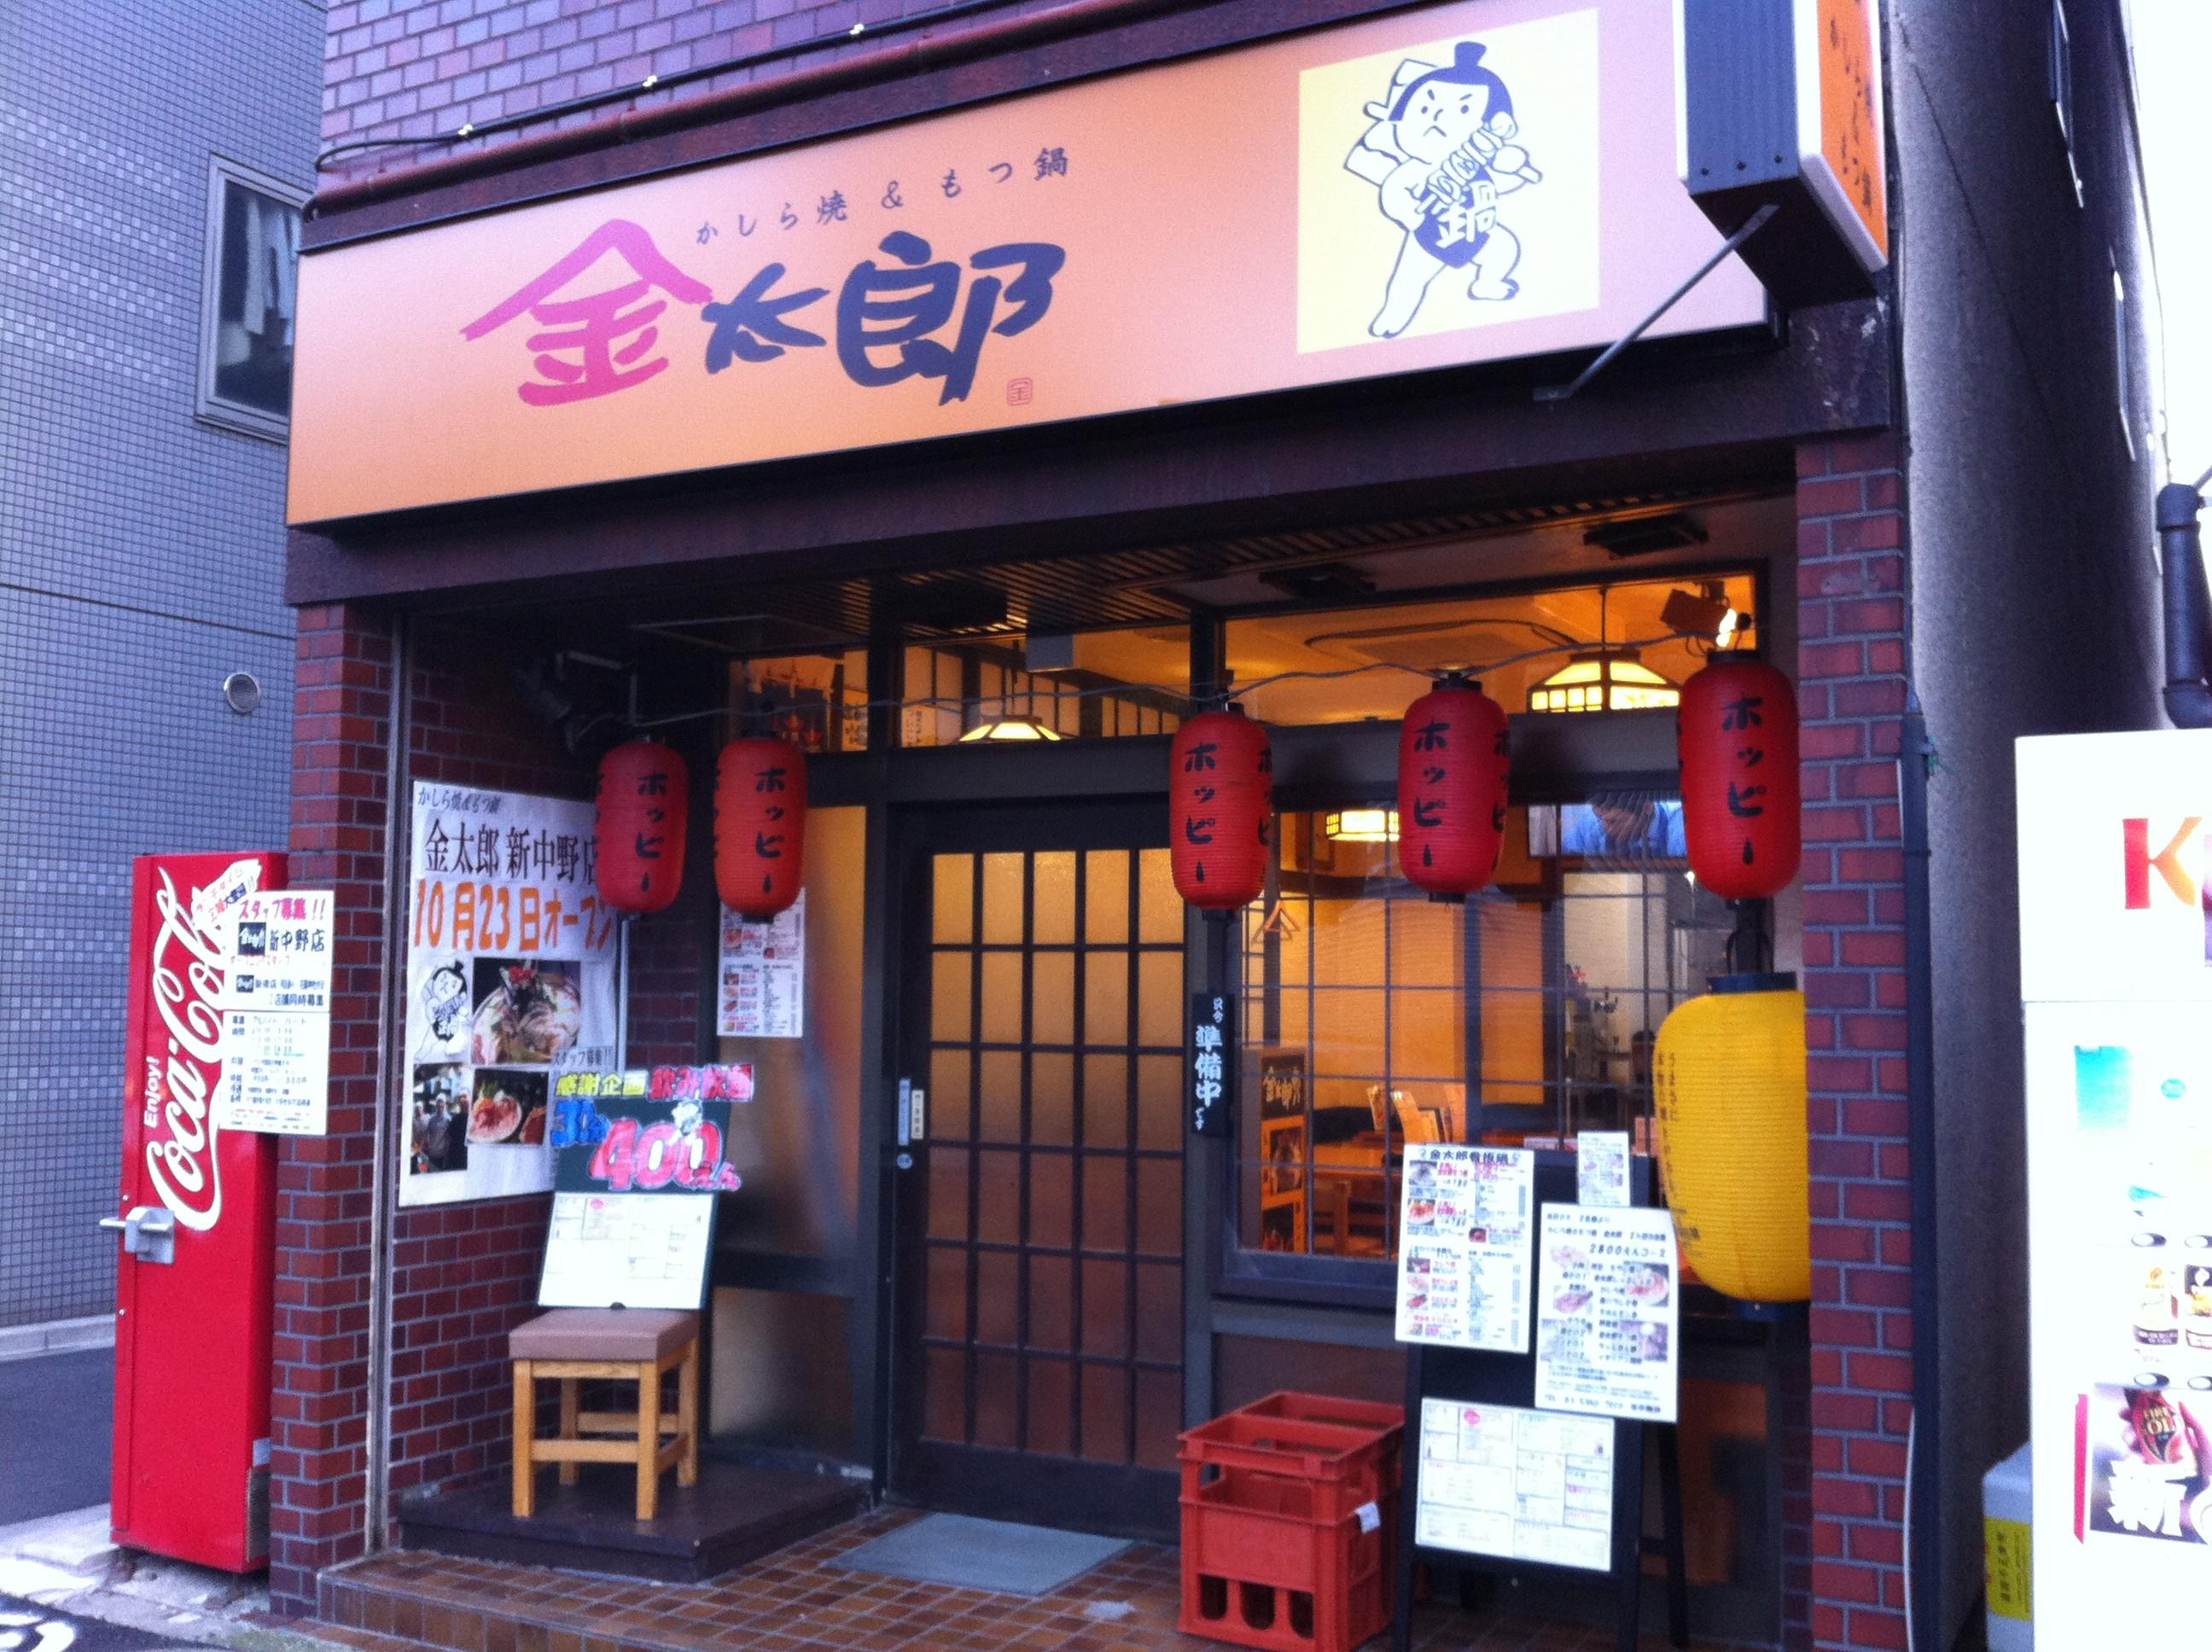 金太郎 新中野店 のアルバイト情報